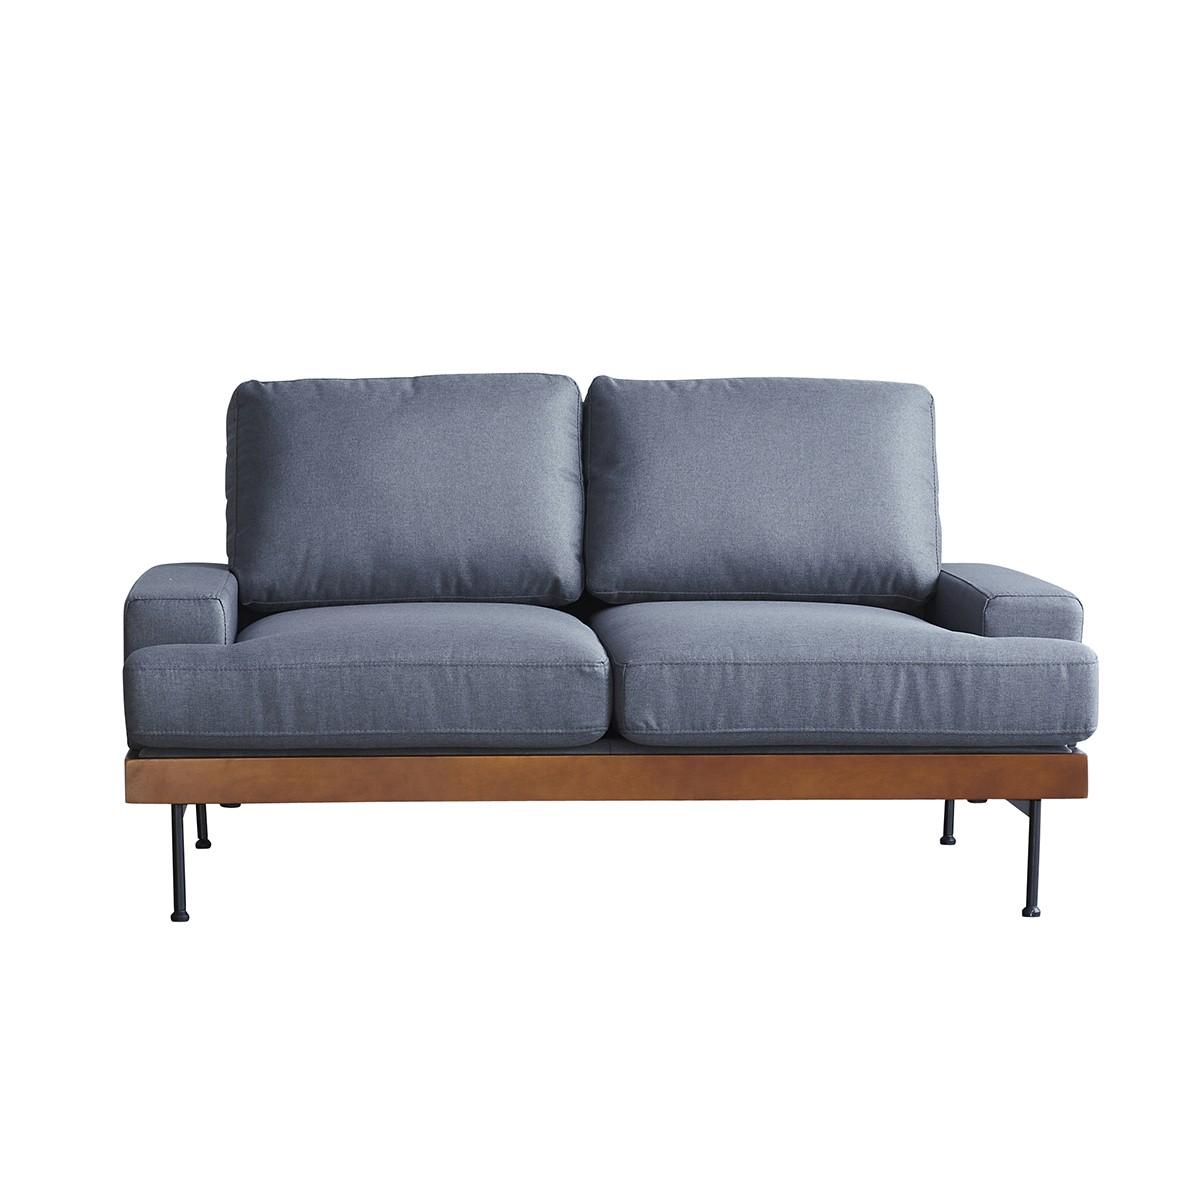 Canapé finition noyer 2 places gris